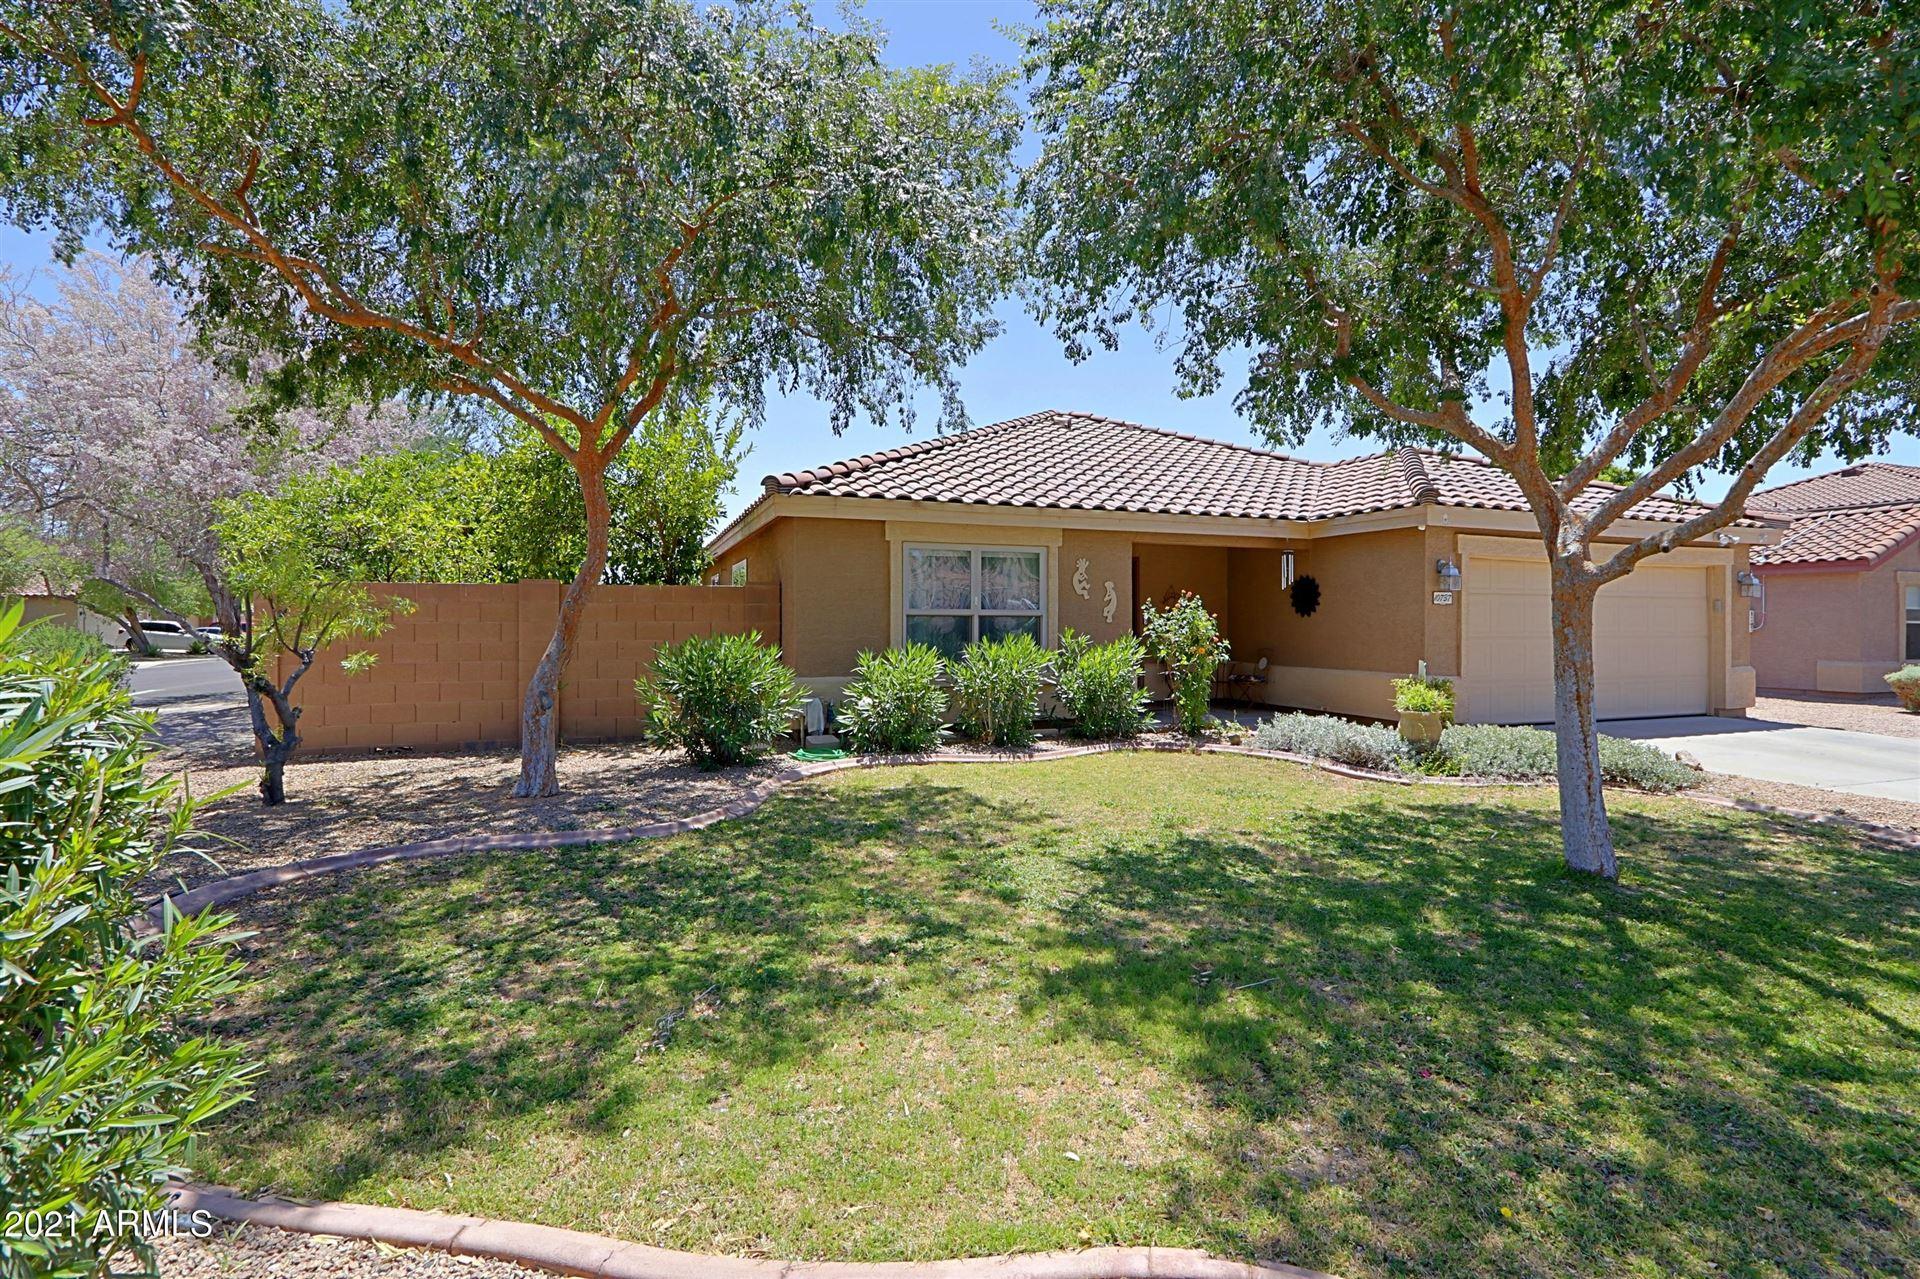 10737 E ARBOR Avenue, Mesa, AZ 85208 - MLS#: 6235304